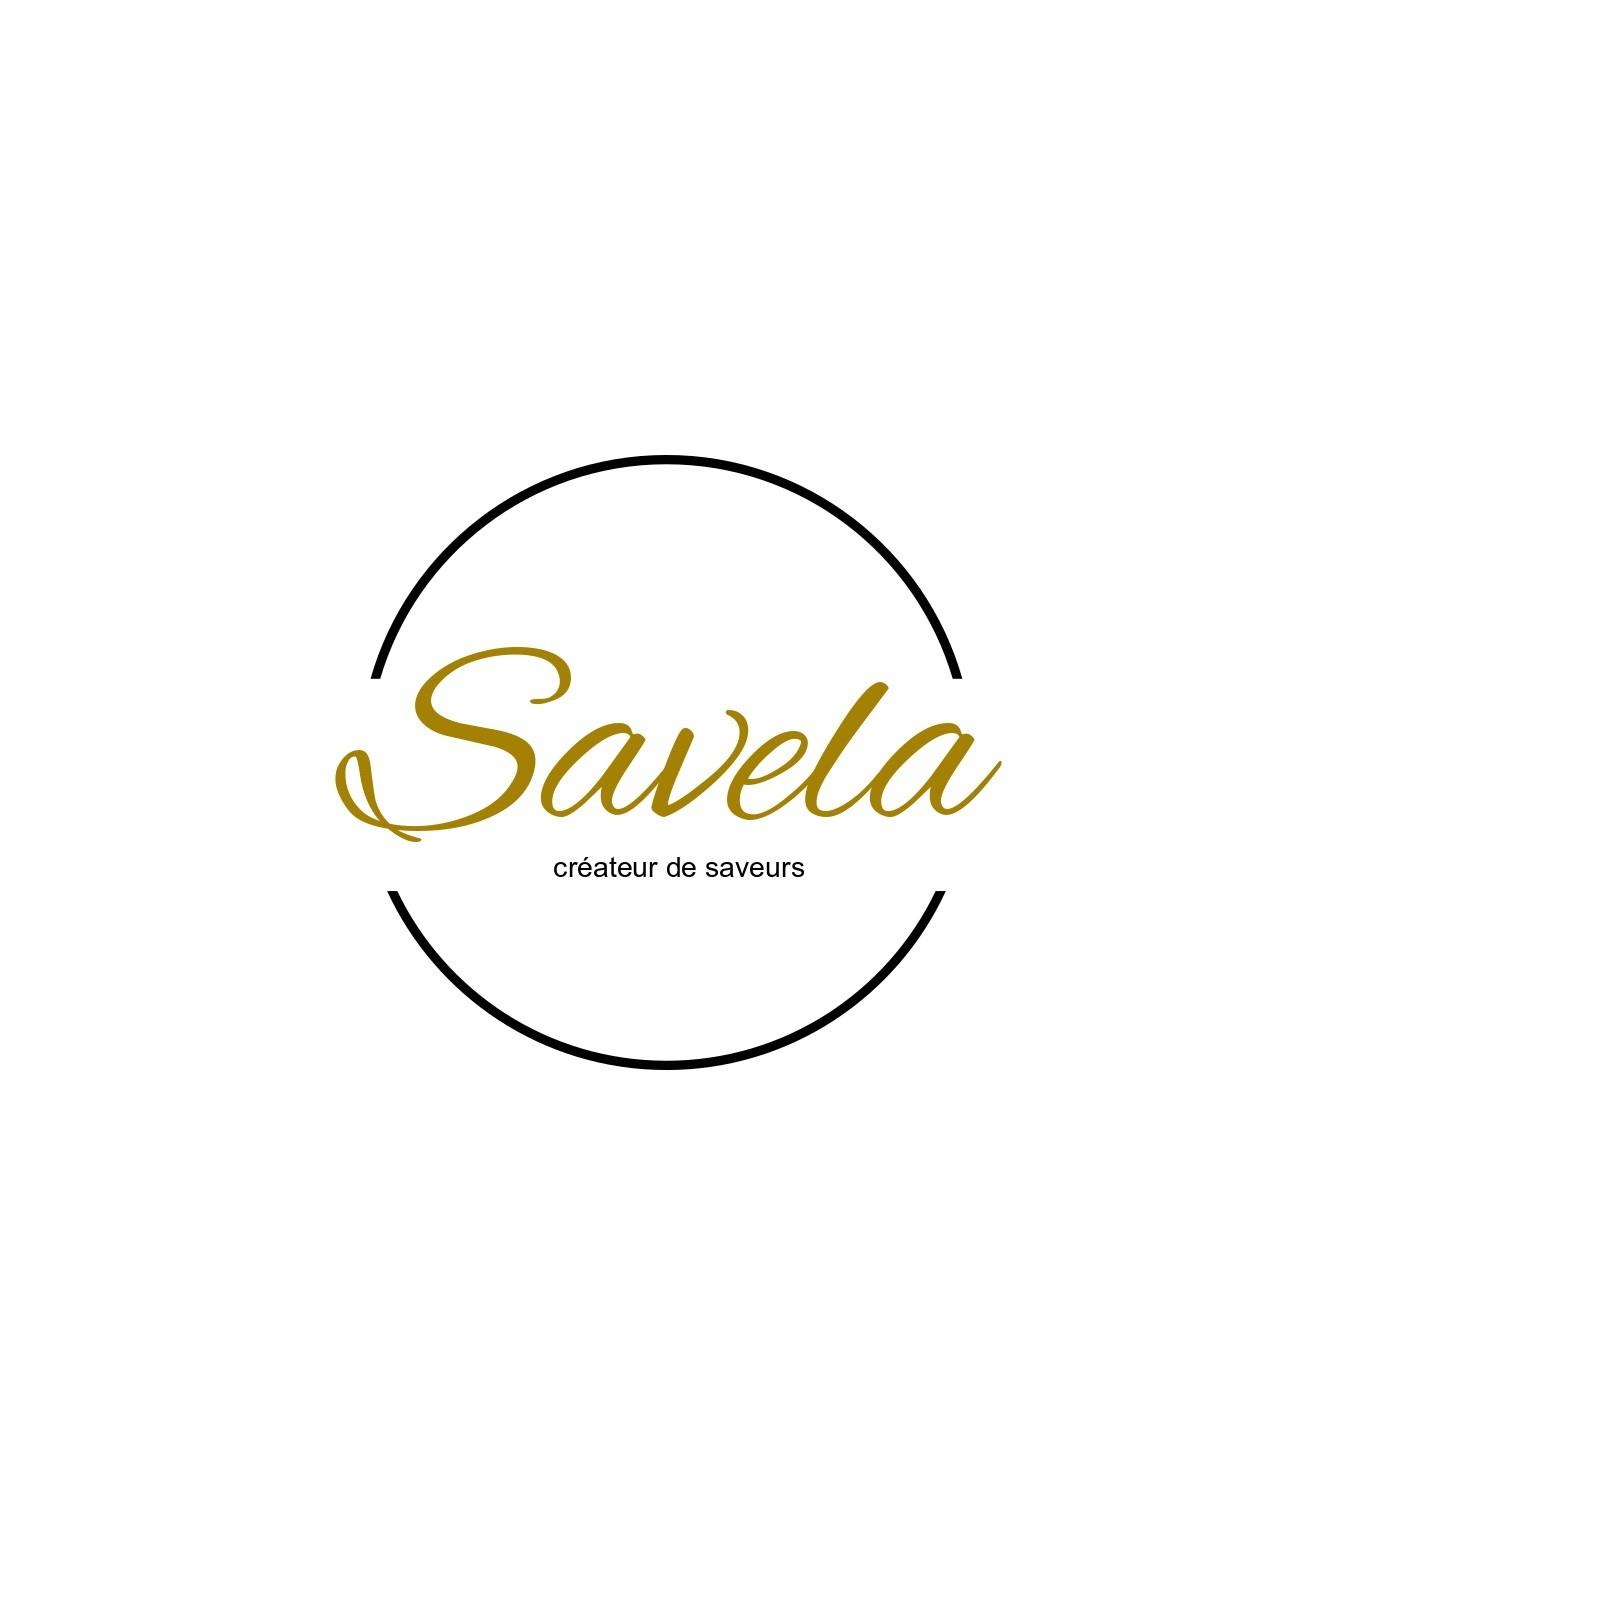 savela